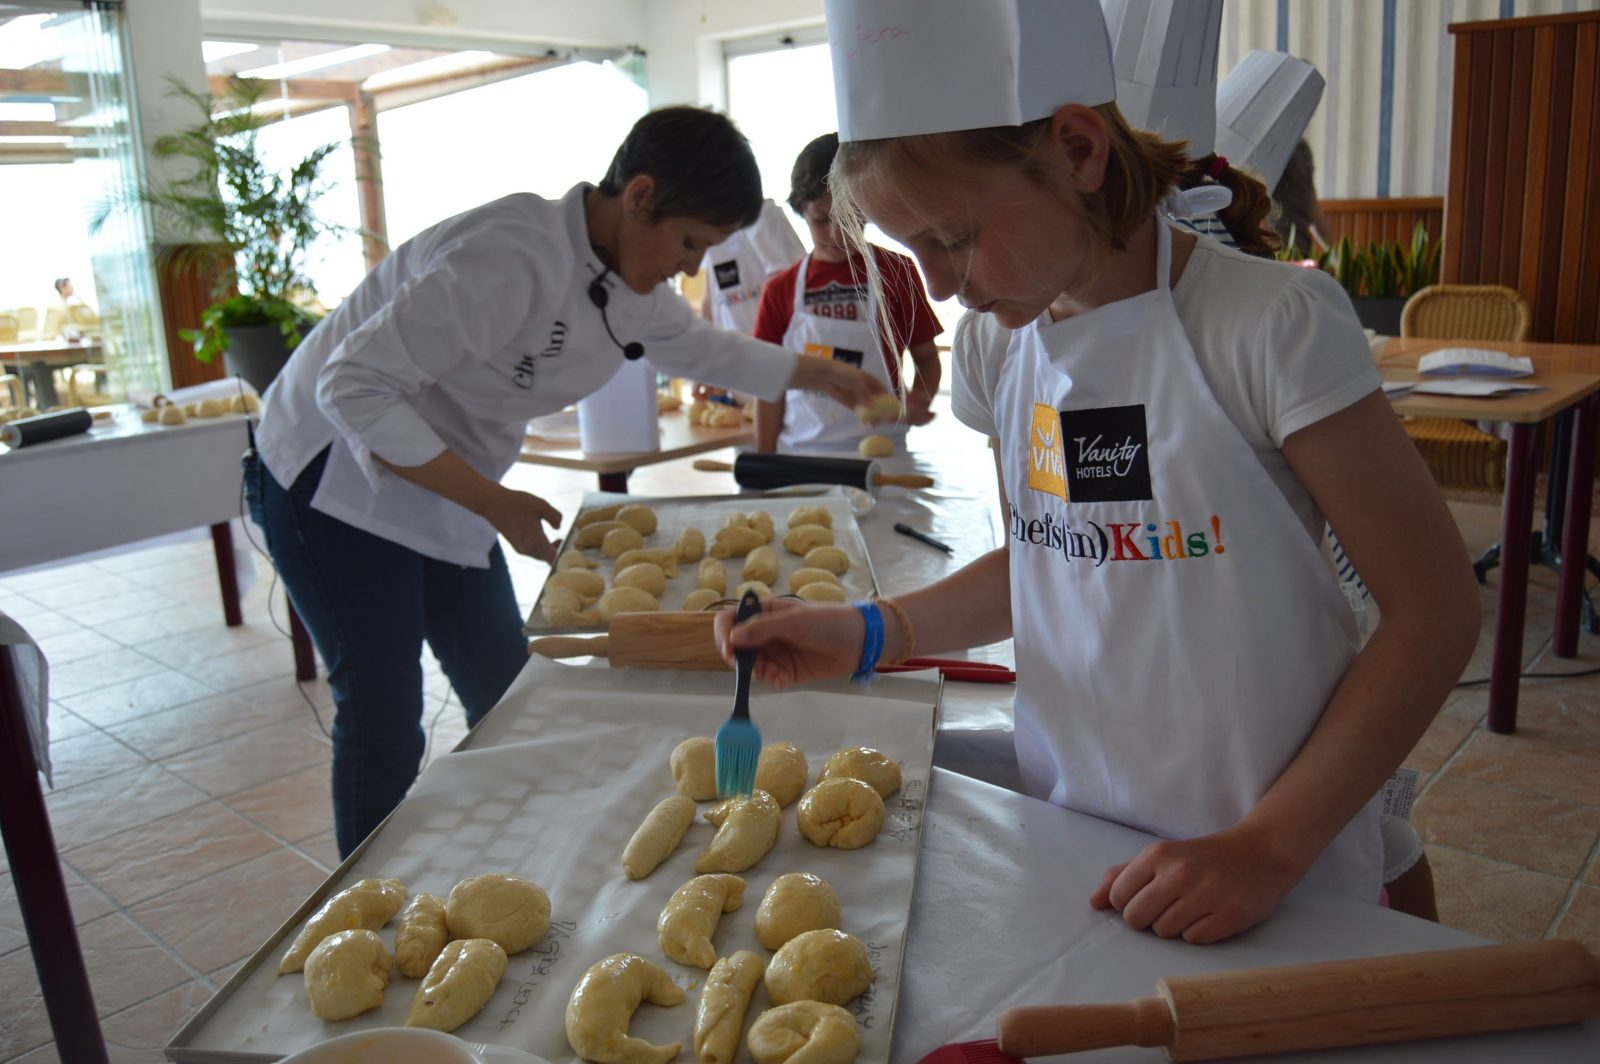 Chefsin Kids Menorca